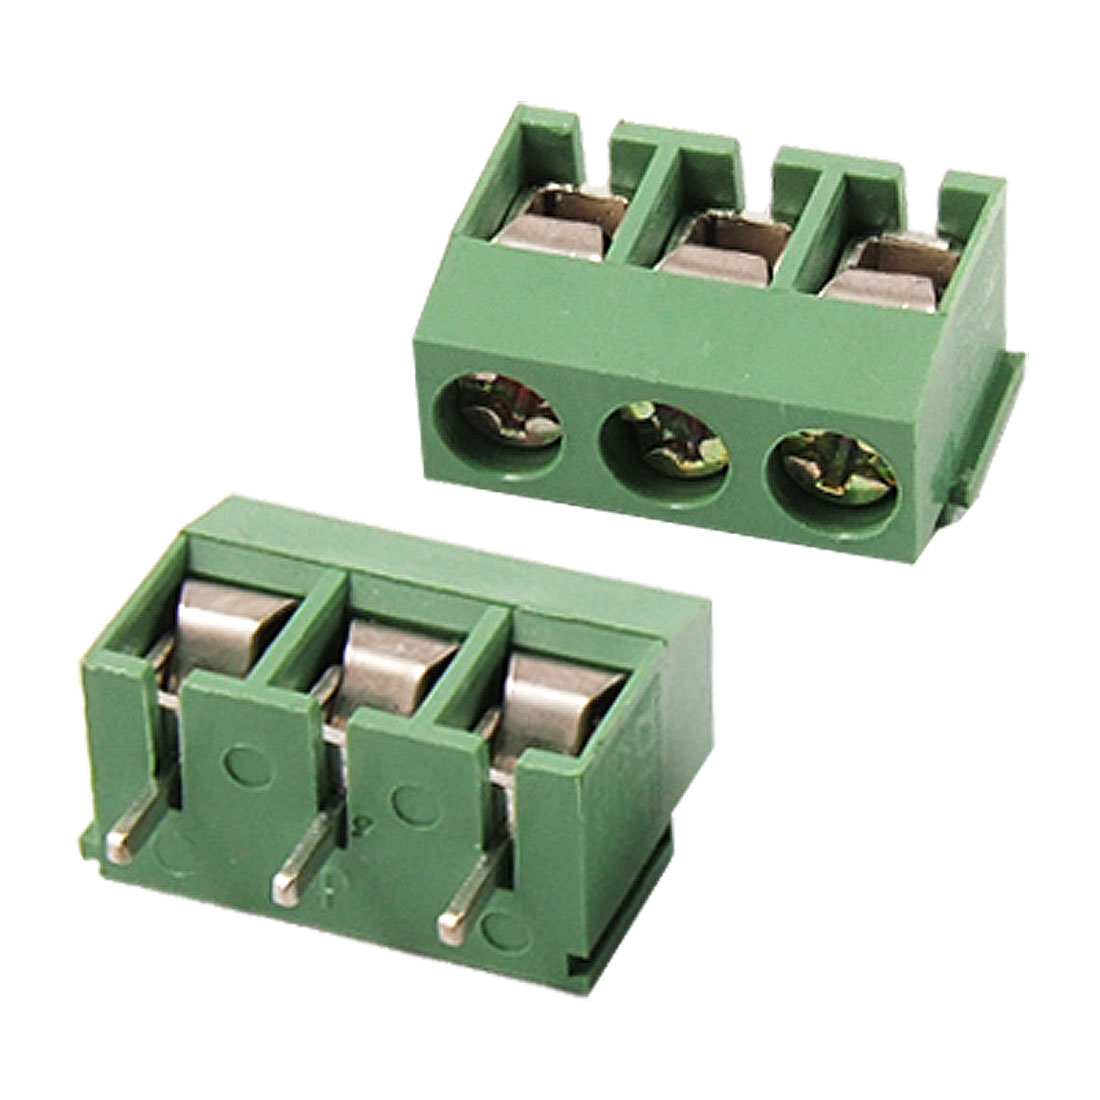 5 Pcs 3 Terminals 5.08mm Pitch Terminal Block PCB Connectors AC 300V 10A